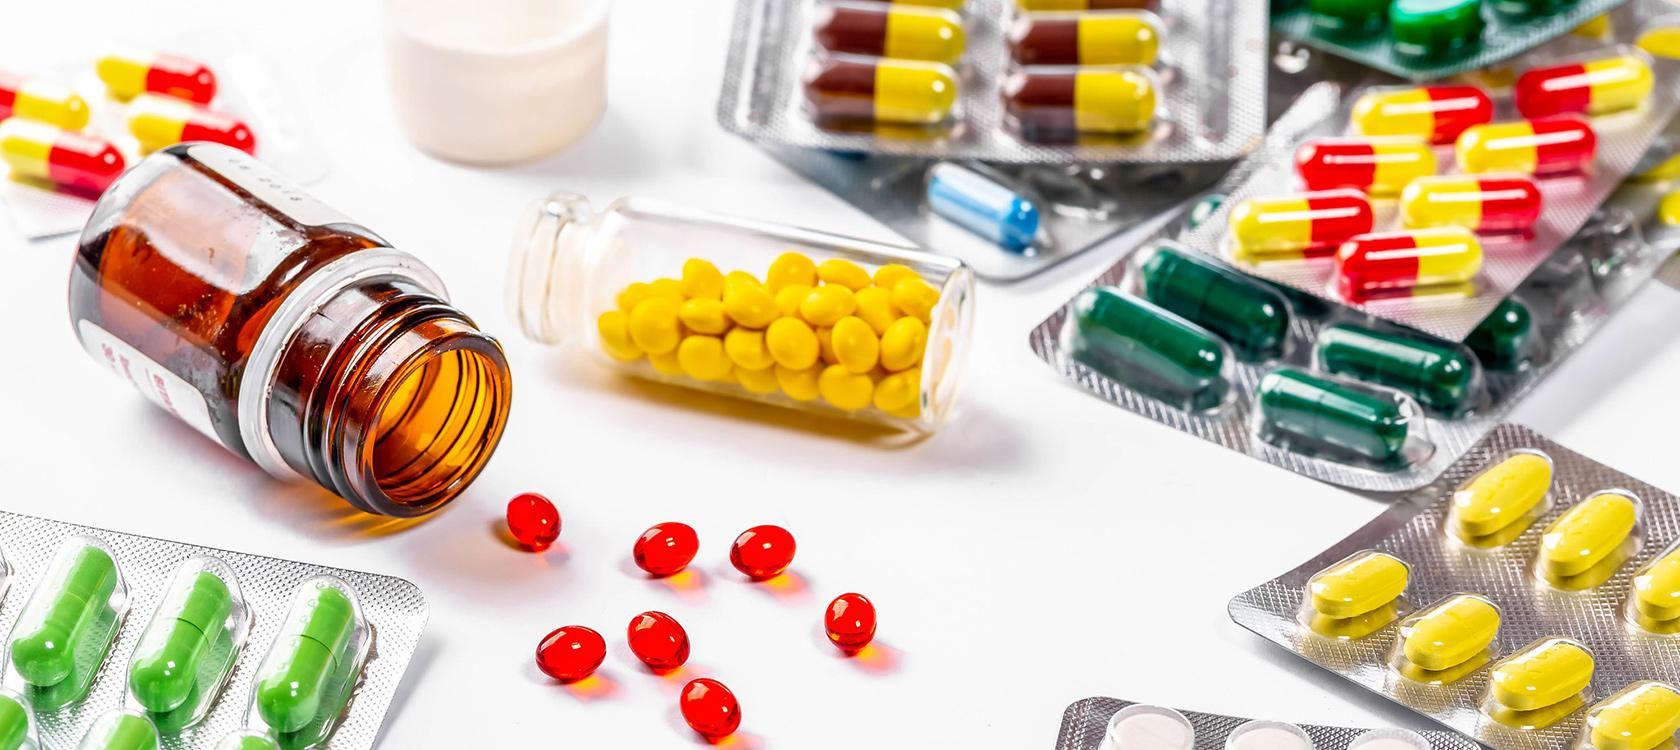 Hausse des prix des médicaments : Les malades dans la tourmente   Sunday Times